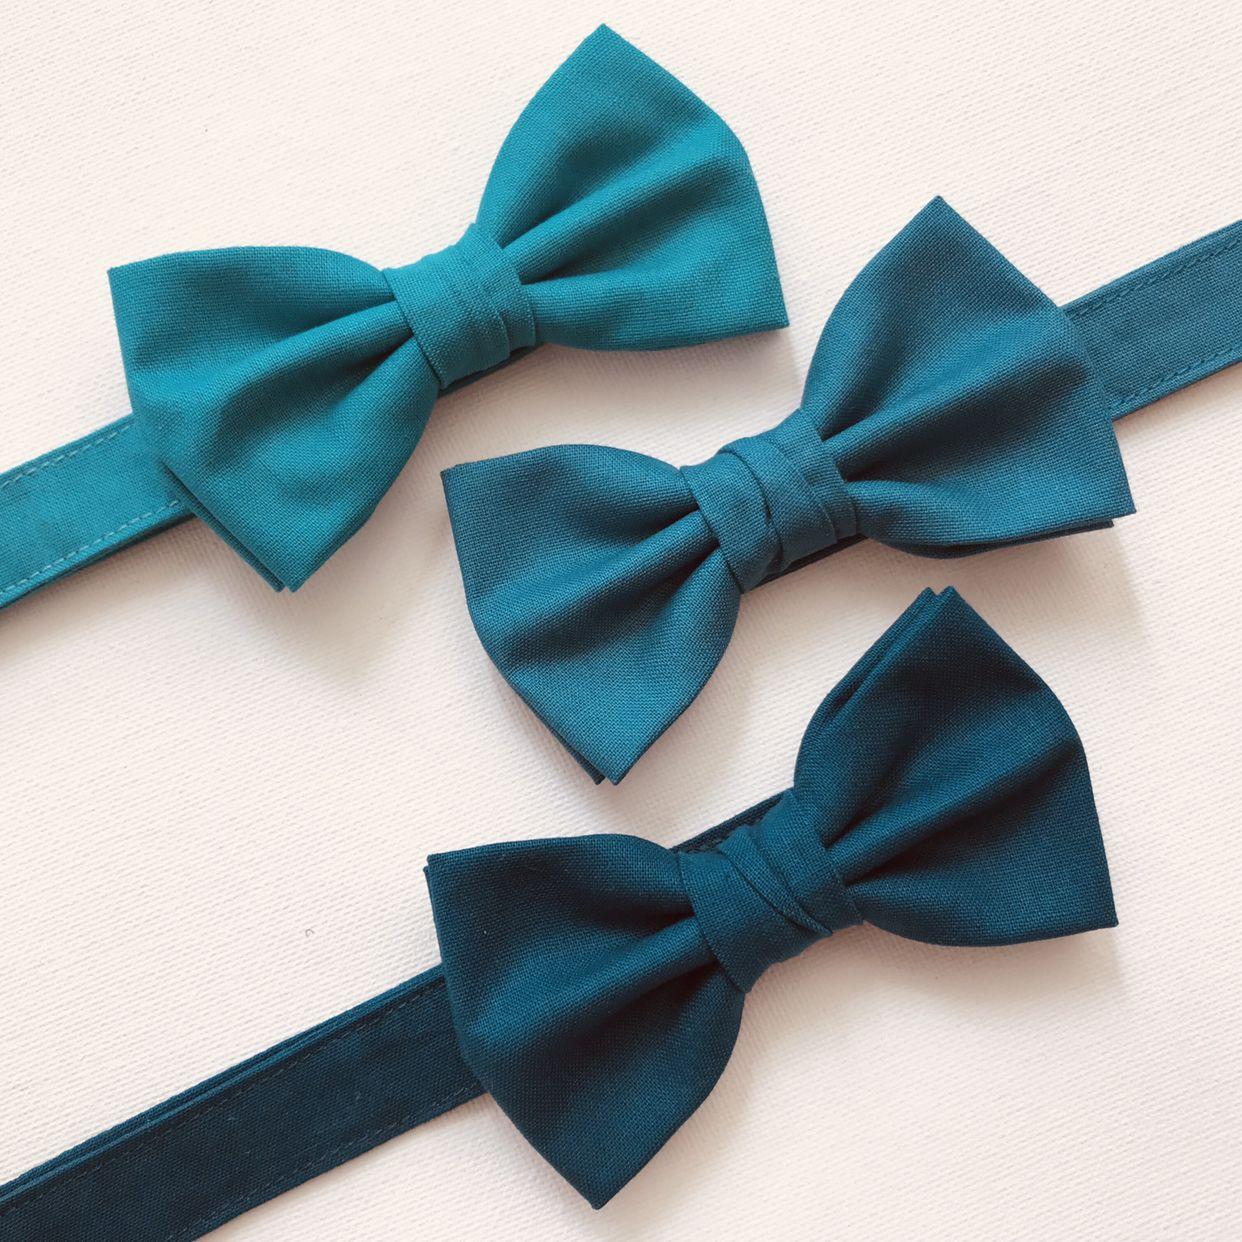 Vintage Style Cotton Bow Tie  Kids Children Toddler Boys Baby Bowtie  Dark Teal Blue Bow Tie  Steel Blue bow tie  Royal Blue Bow tie